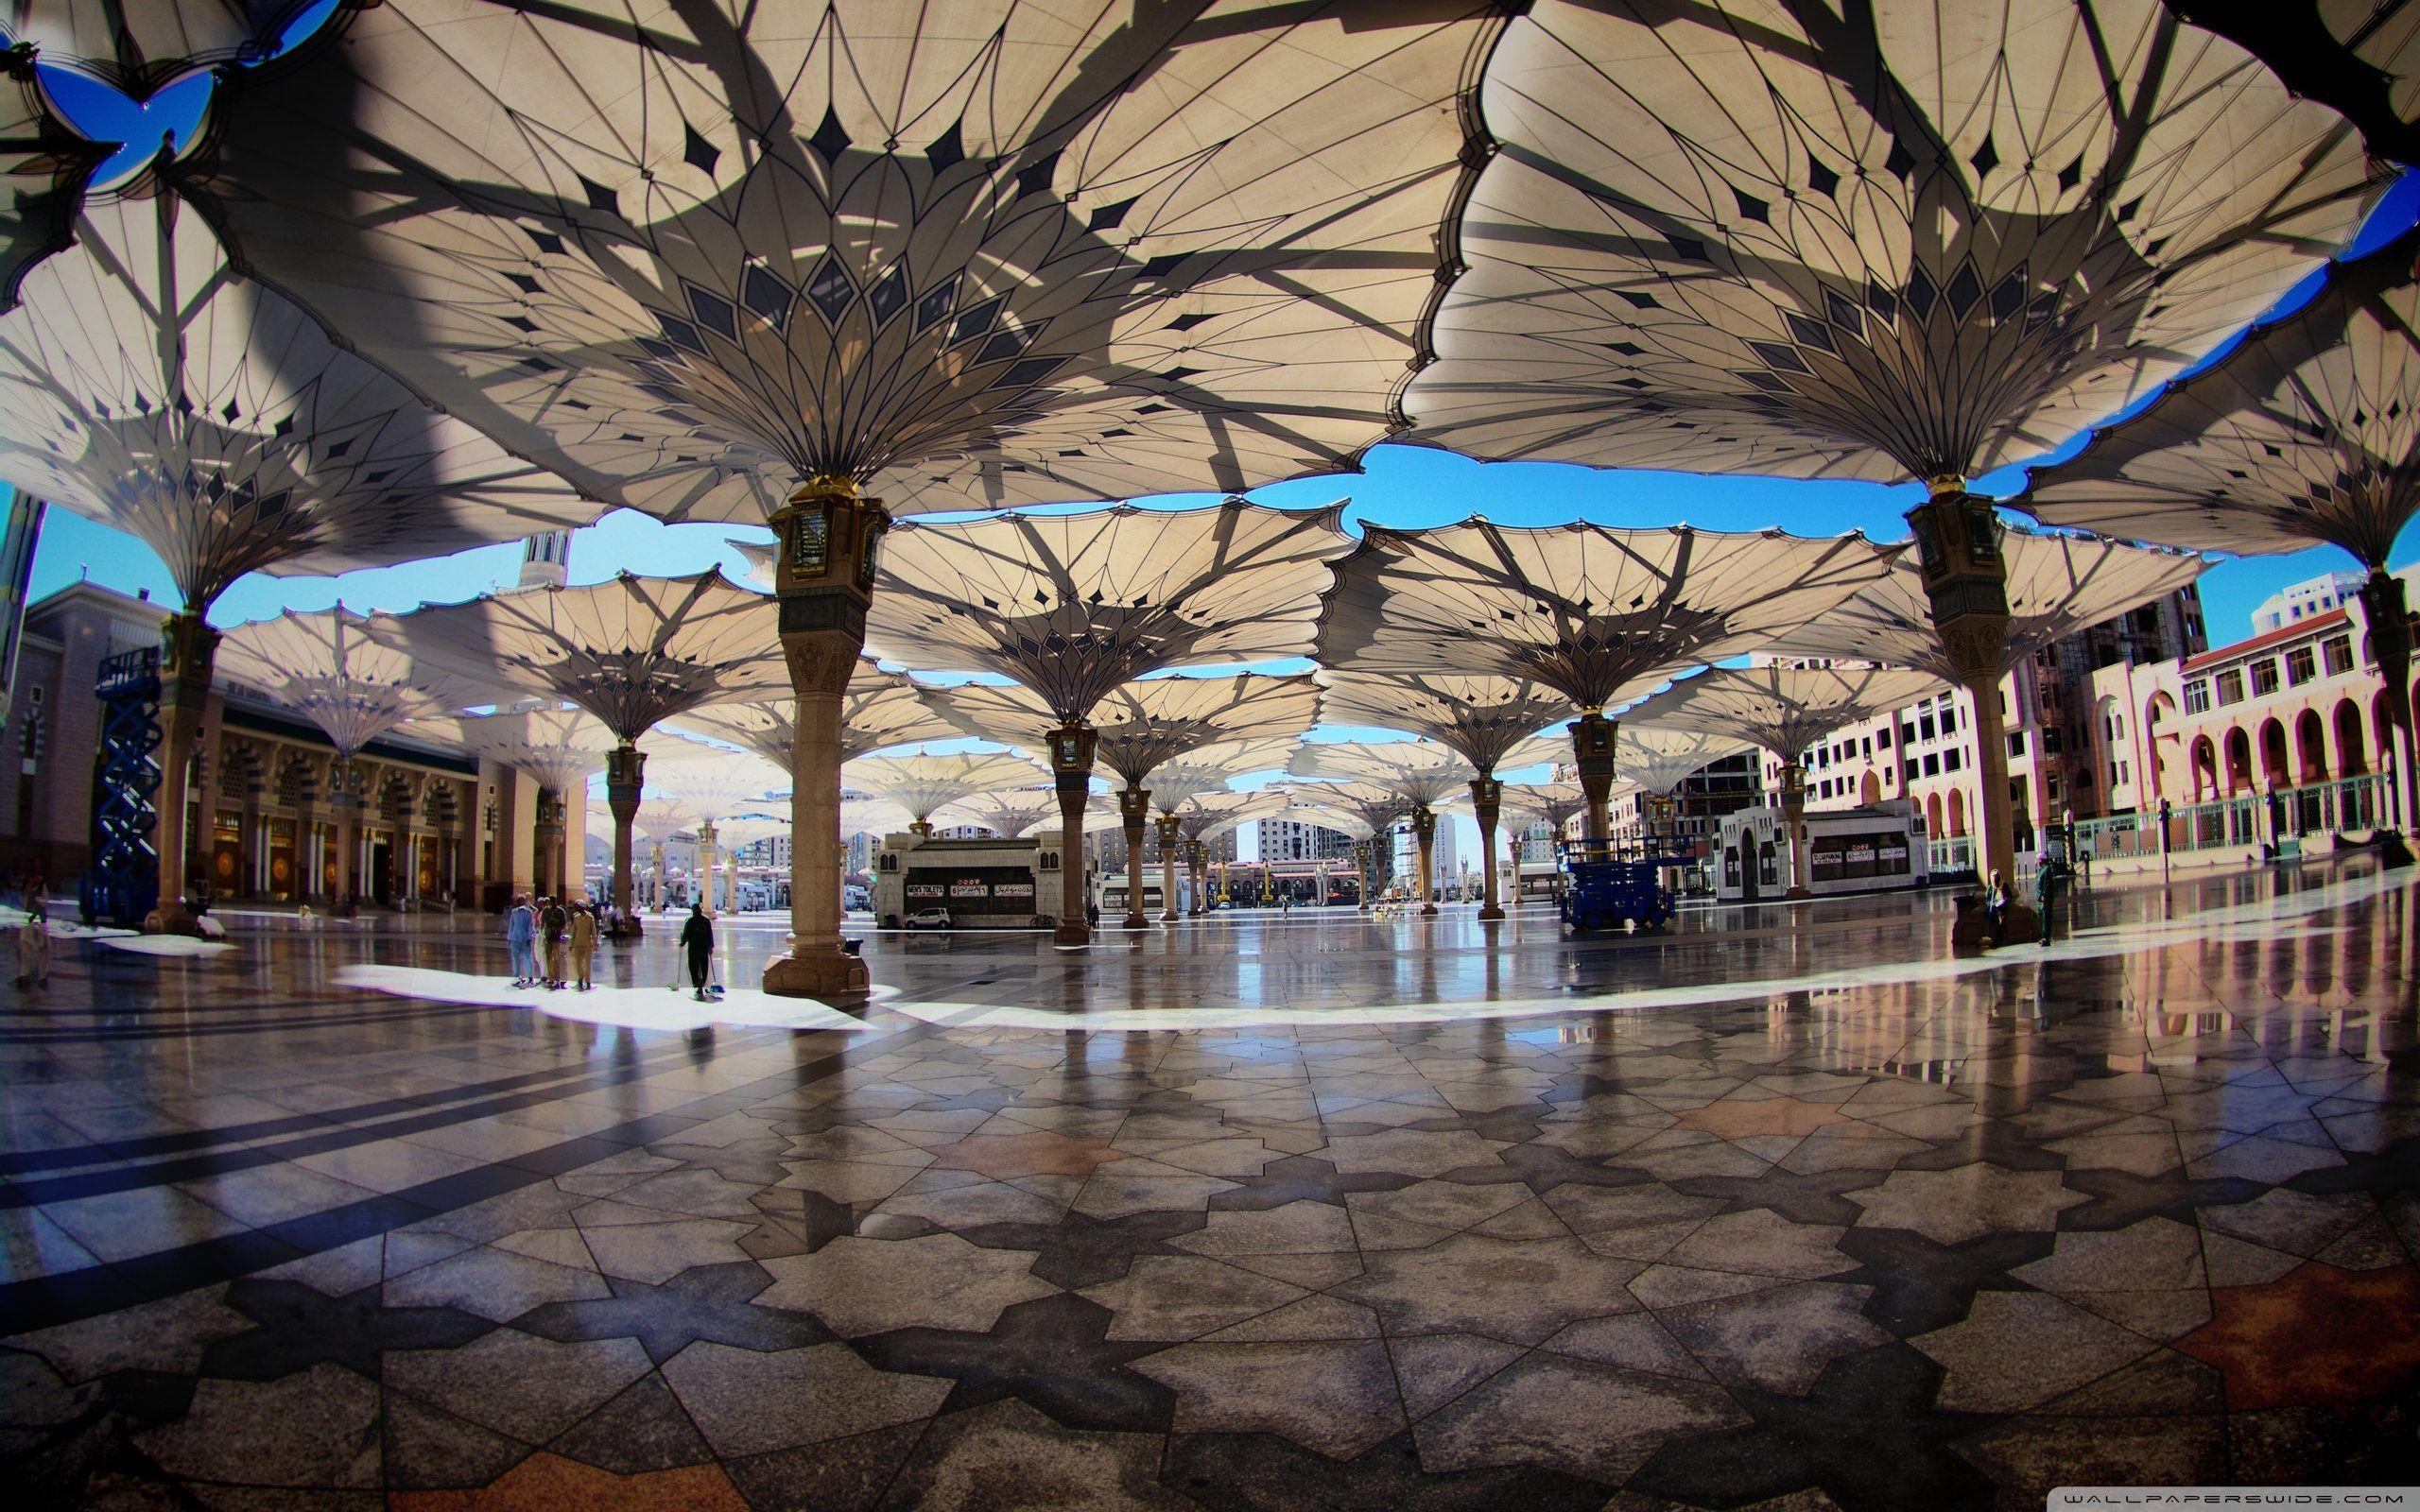 Saudi Arabia 4k Wallpapers Top Free Saudi Arabia 4k